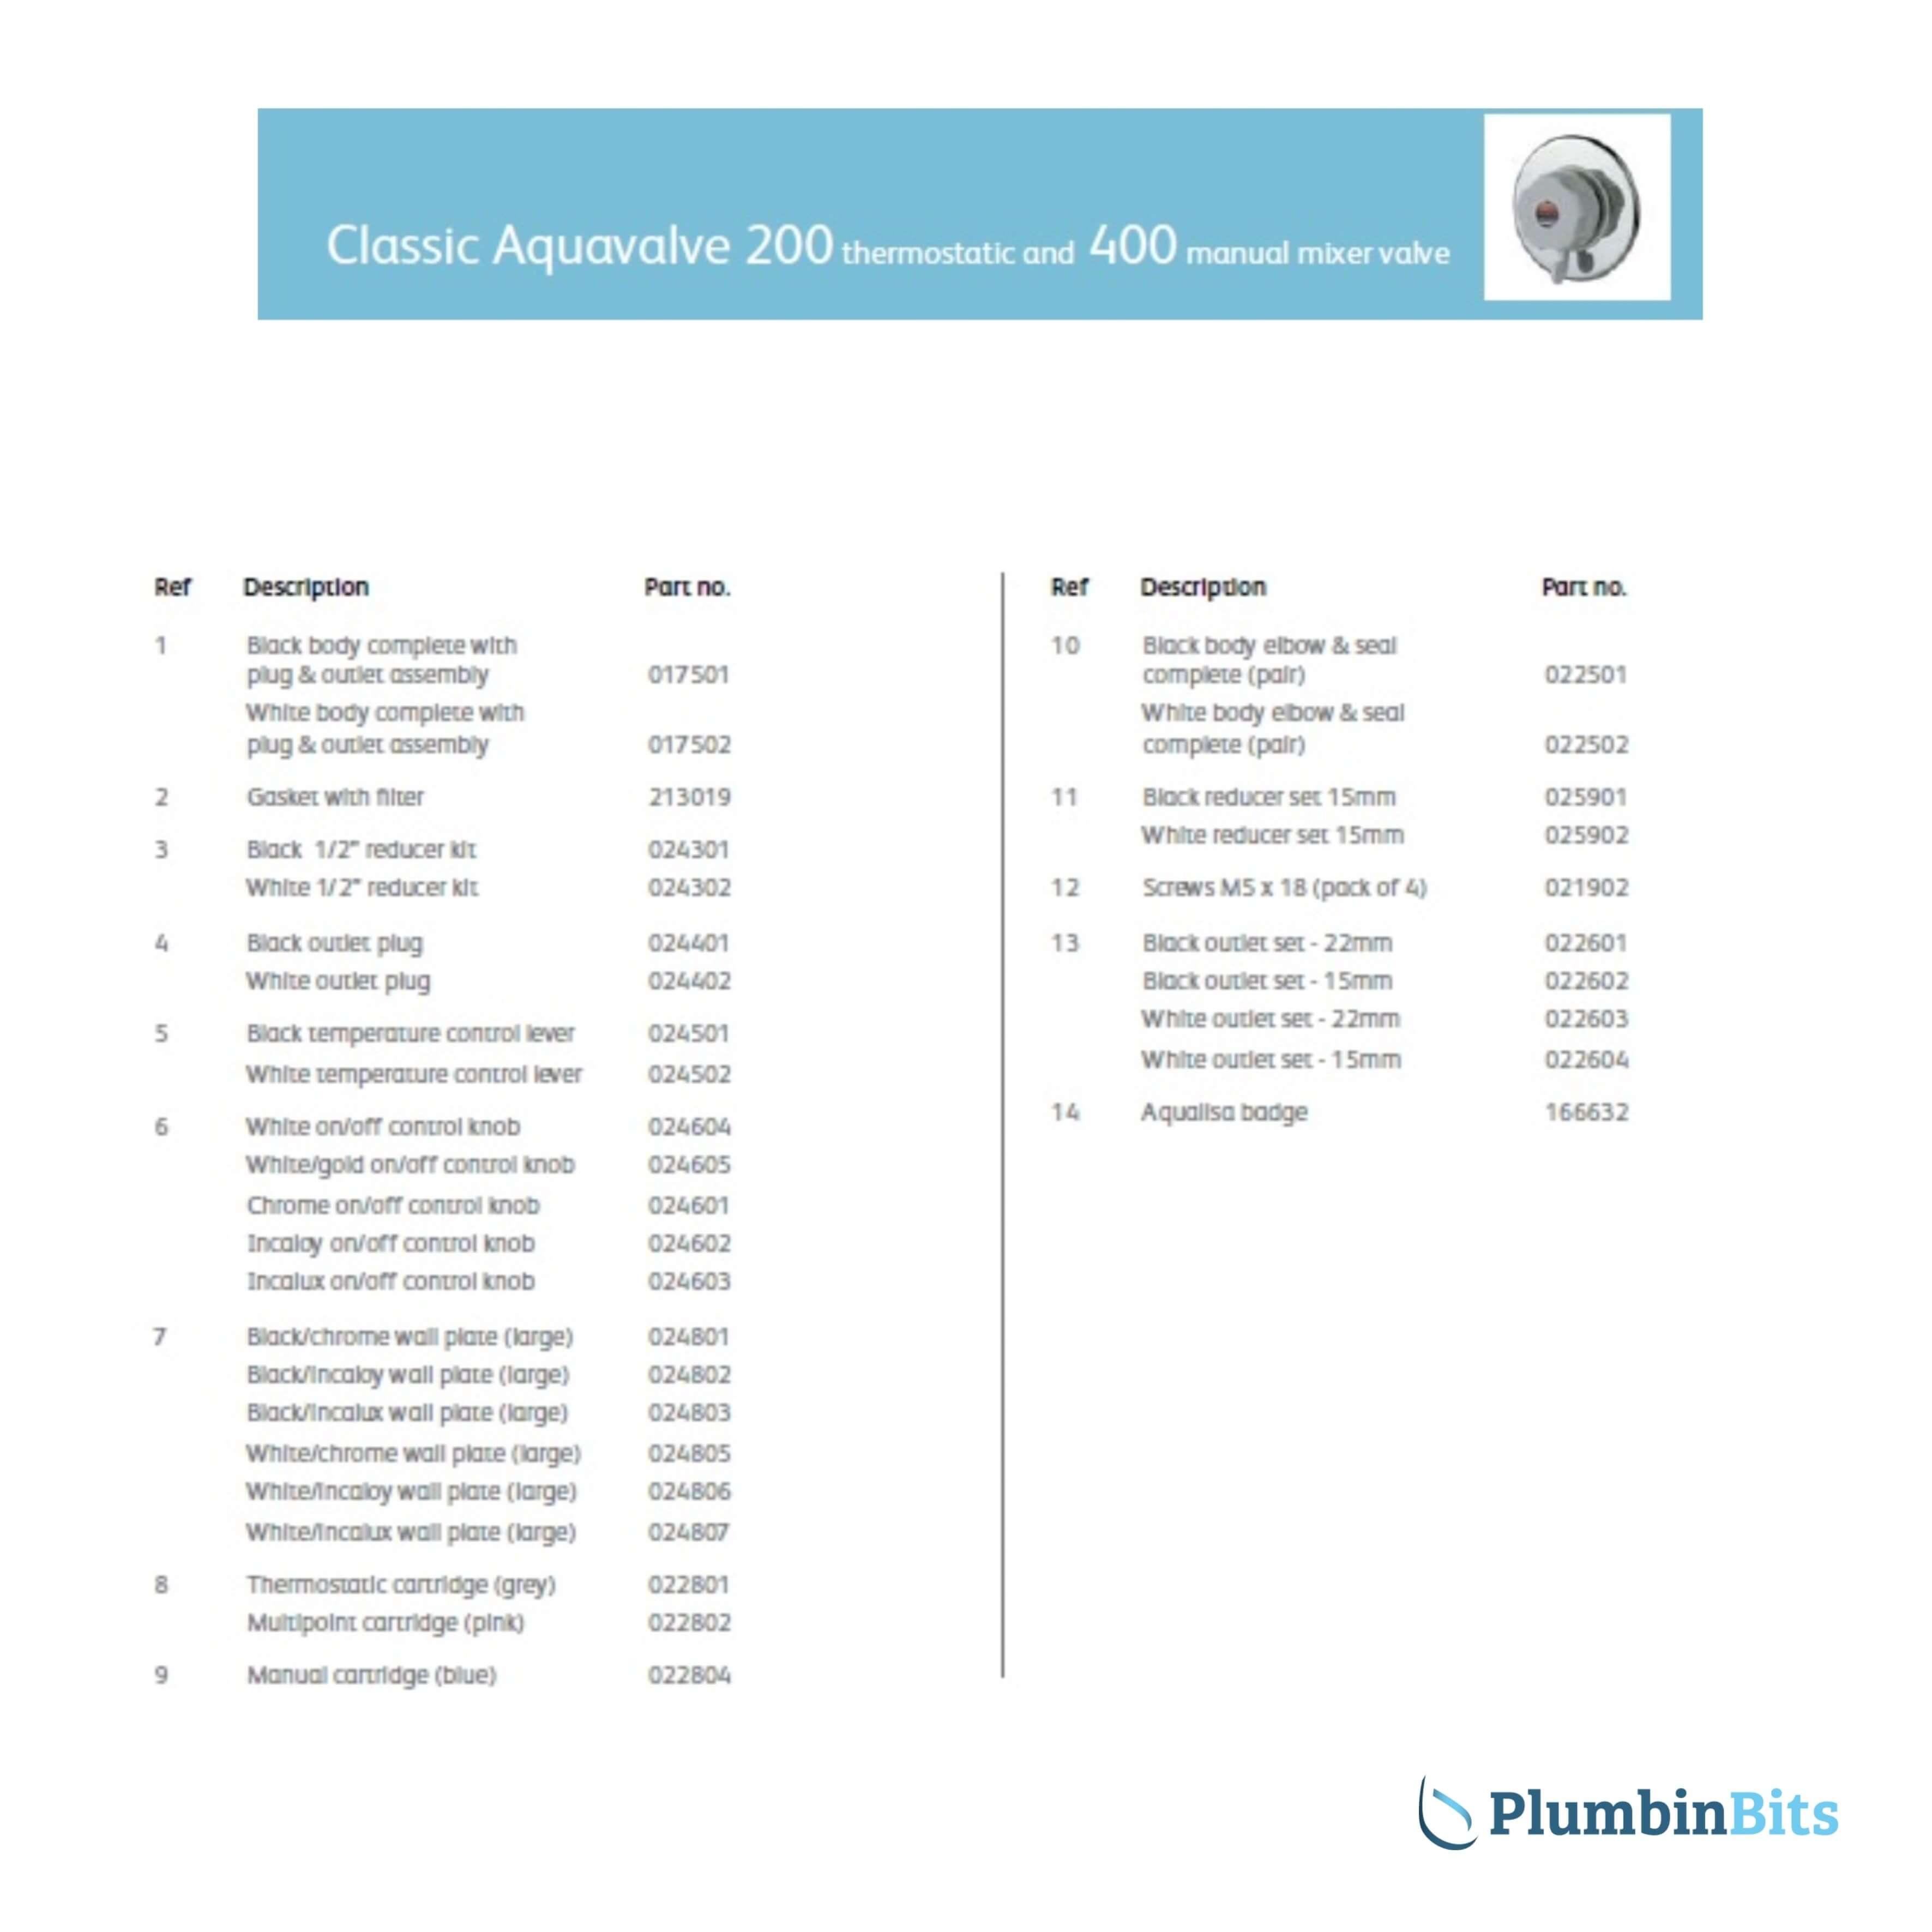 Aqualisa 400 parts